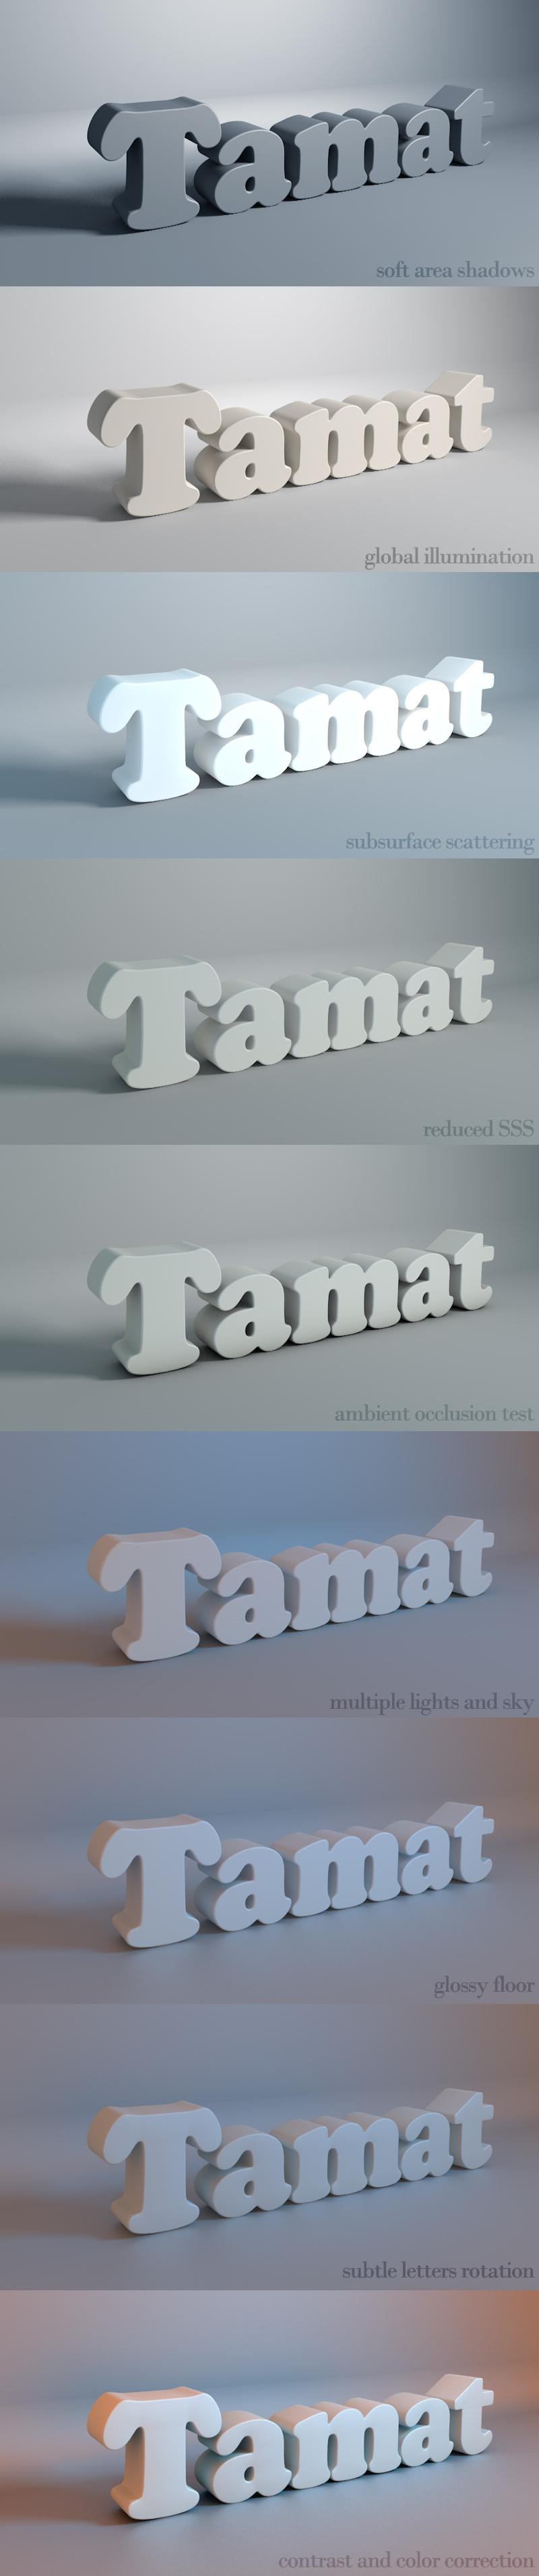 tamat_c4D